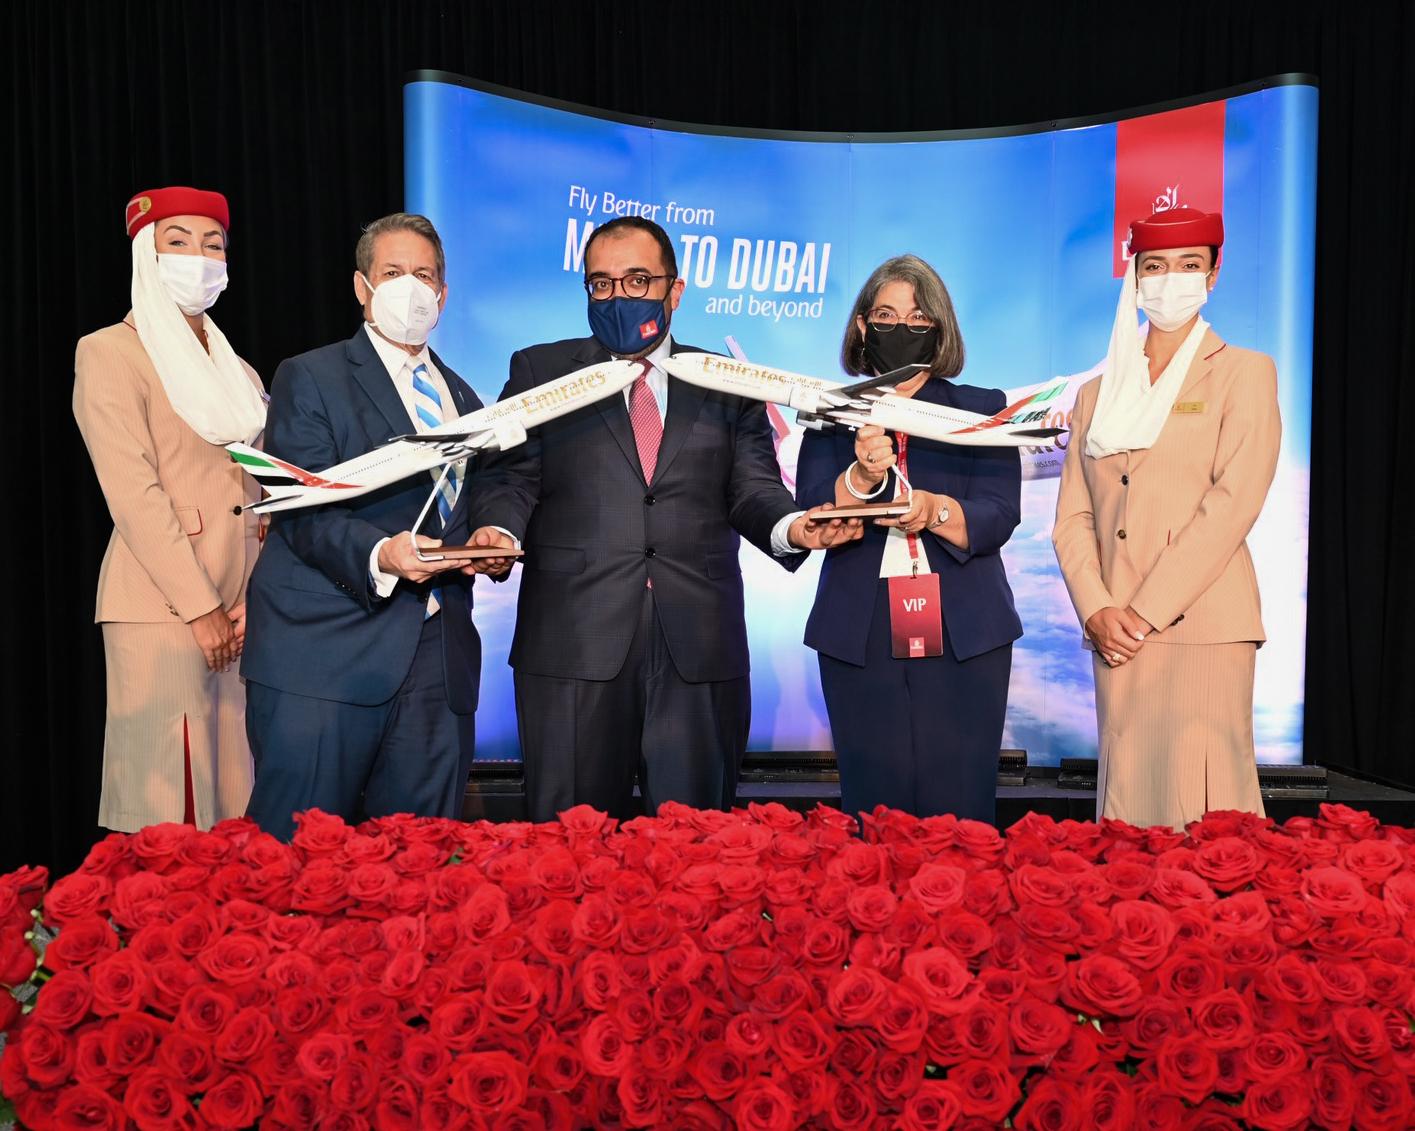 رحلة طيران الإمارات Emirates الافتتاحية تحظى باستقبال حافل في ميامي الأمريكية